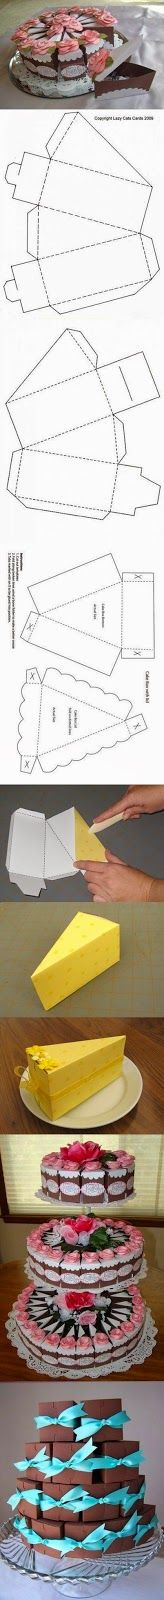 Hacer cajas de papel con forma de tarta